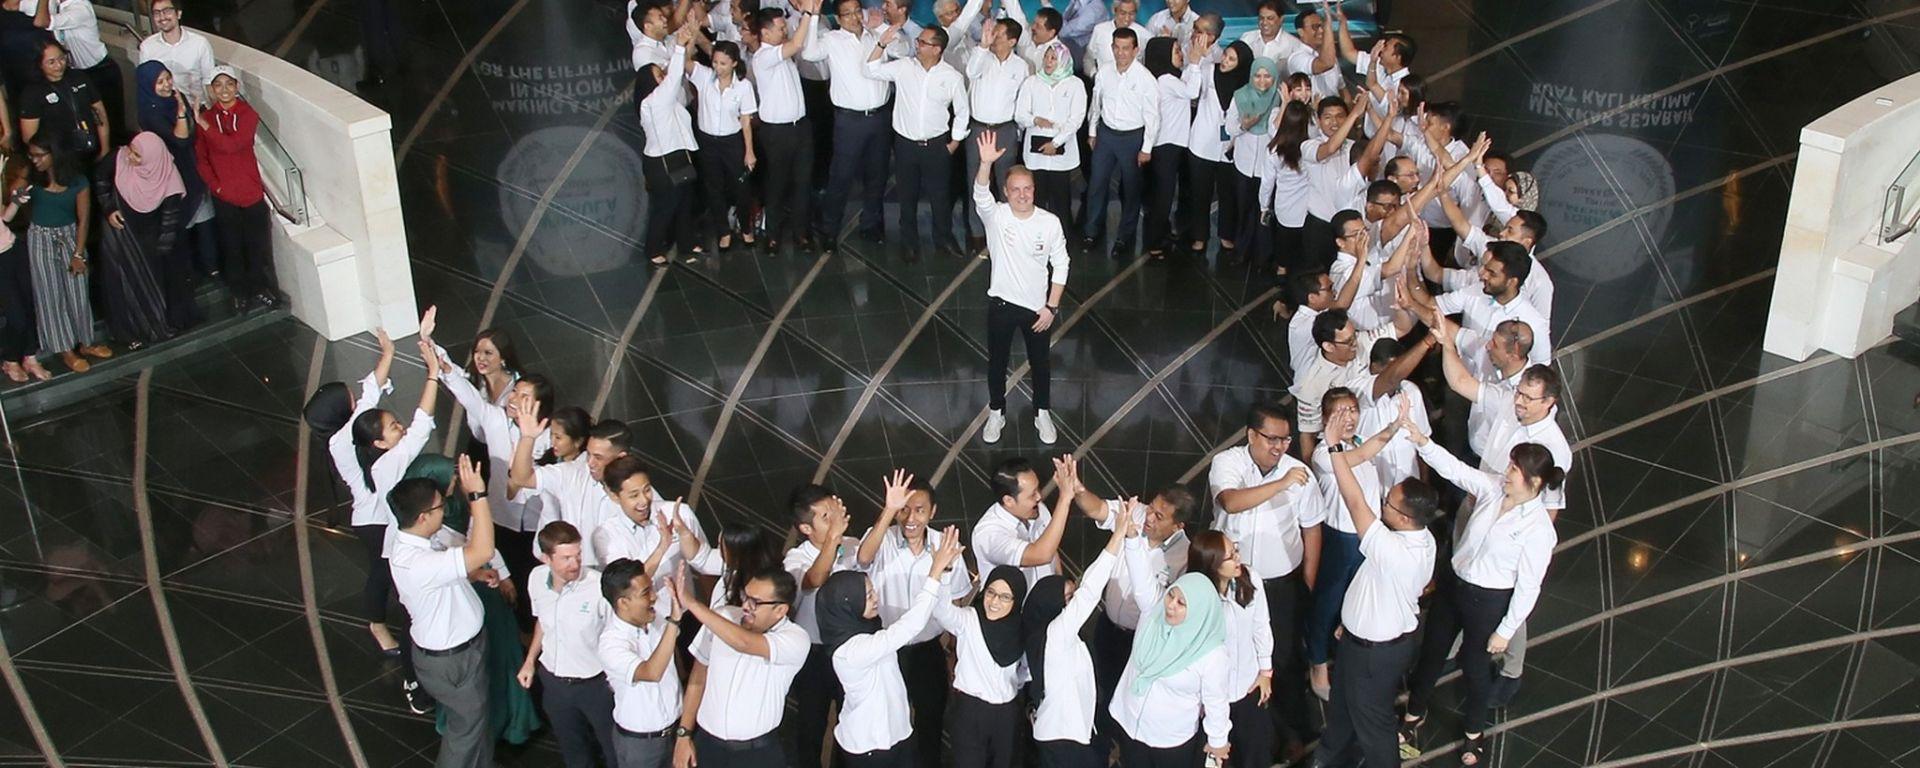 Mercedes e Petronas: continuano i festeggiamenti per il Mondiale